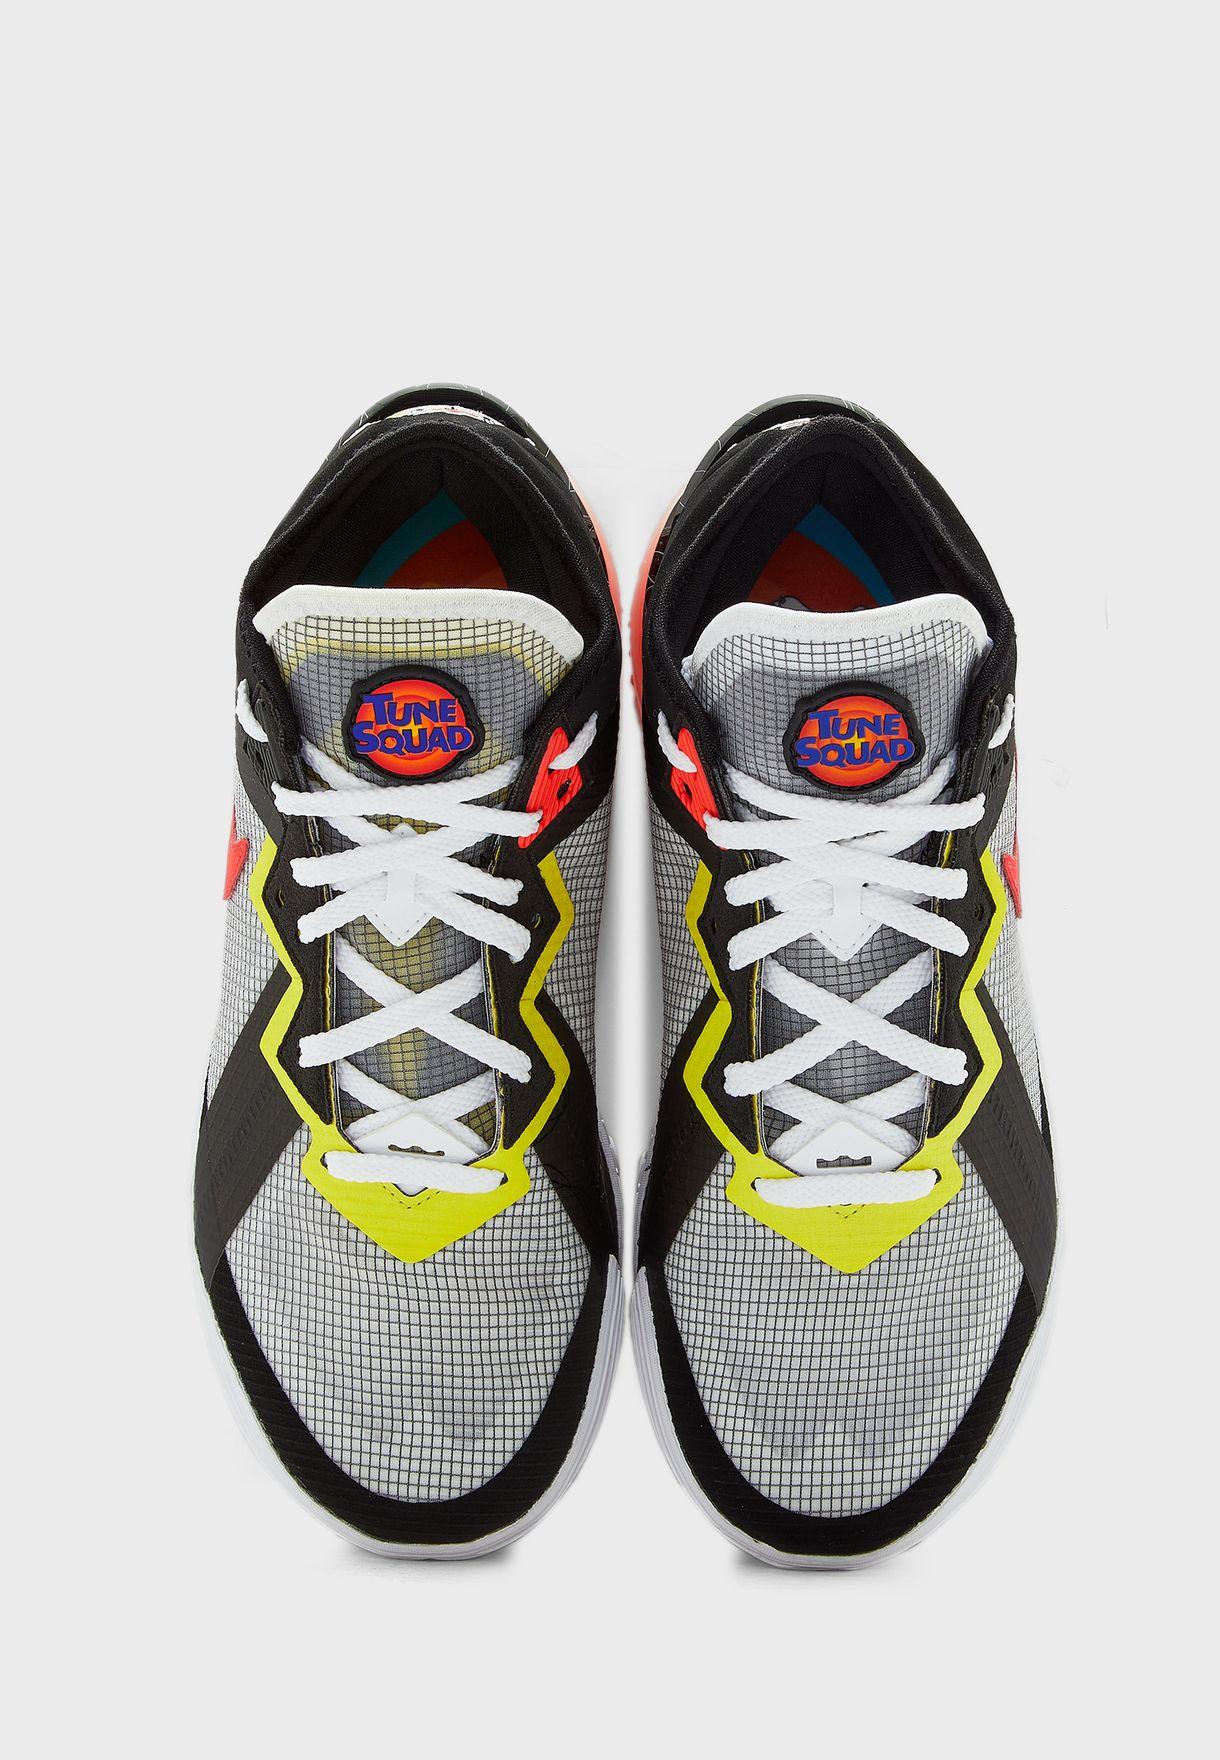 حذاء من مجموعة ليبرون جيمس